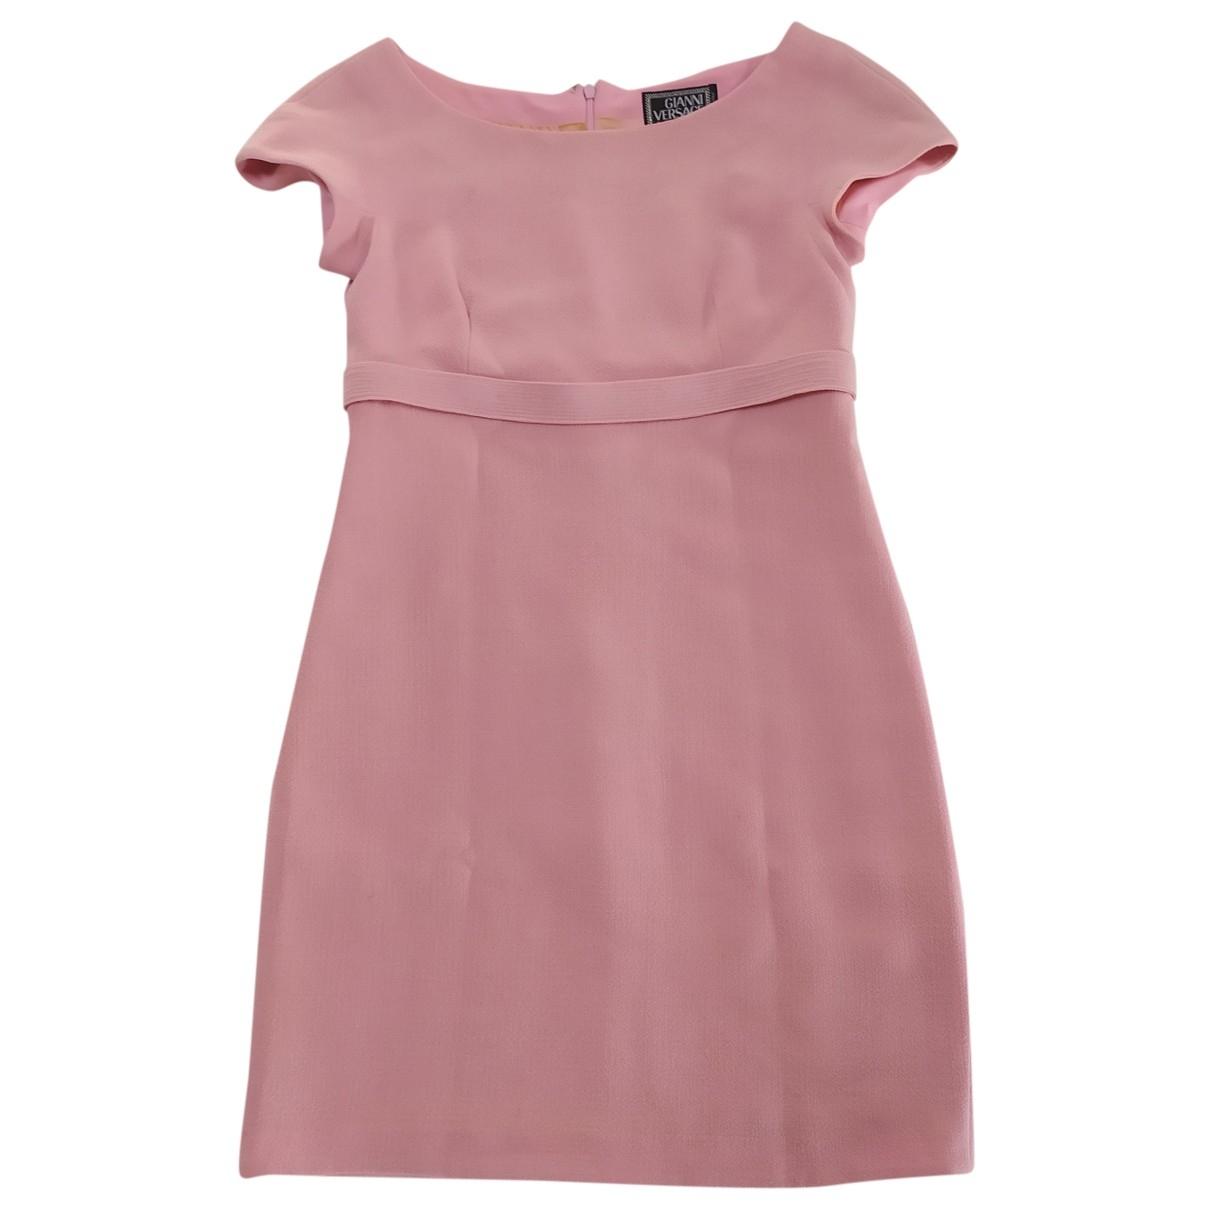 Gianni Versace \N Kleid in  Rosa Synthetik